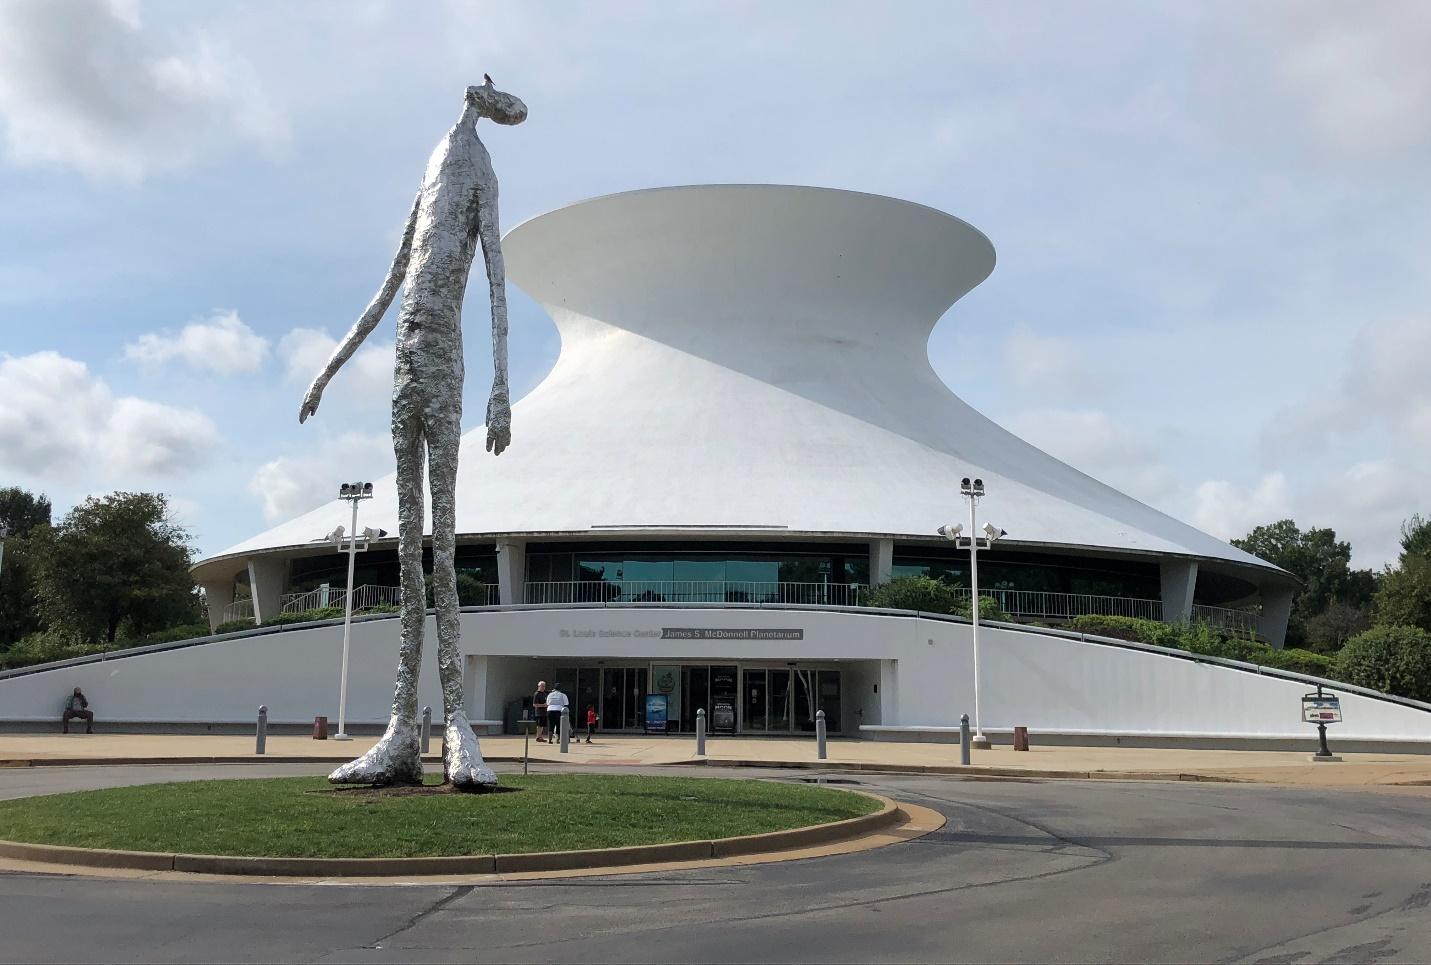 Trung tâm Khoa học Saint Louis, Mỹ - Công trình có thiết kế mái độc đáo với hình dạng mặt Hyperboloid một tầng tròn xoay